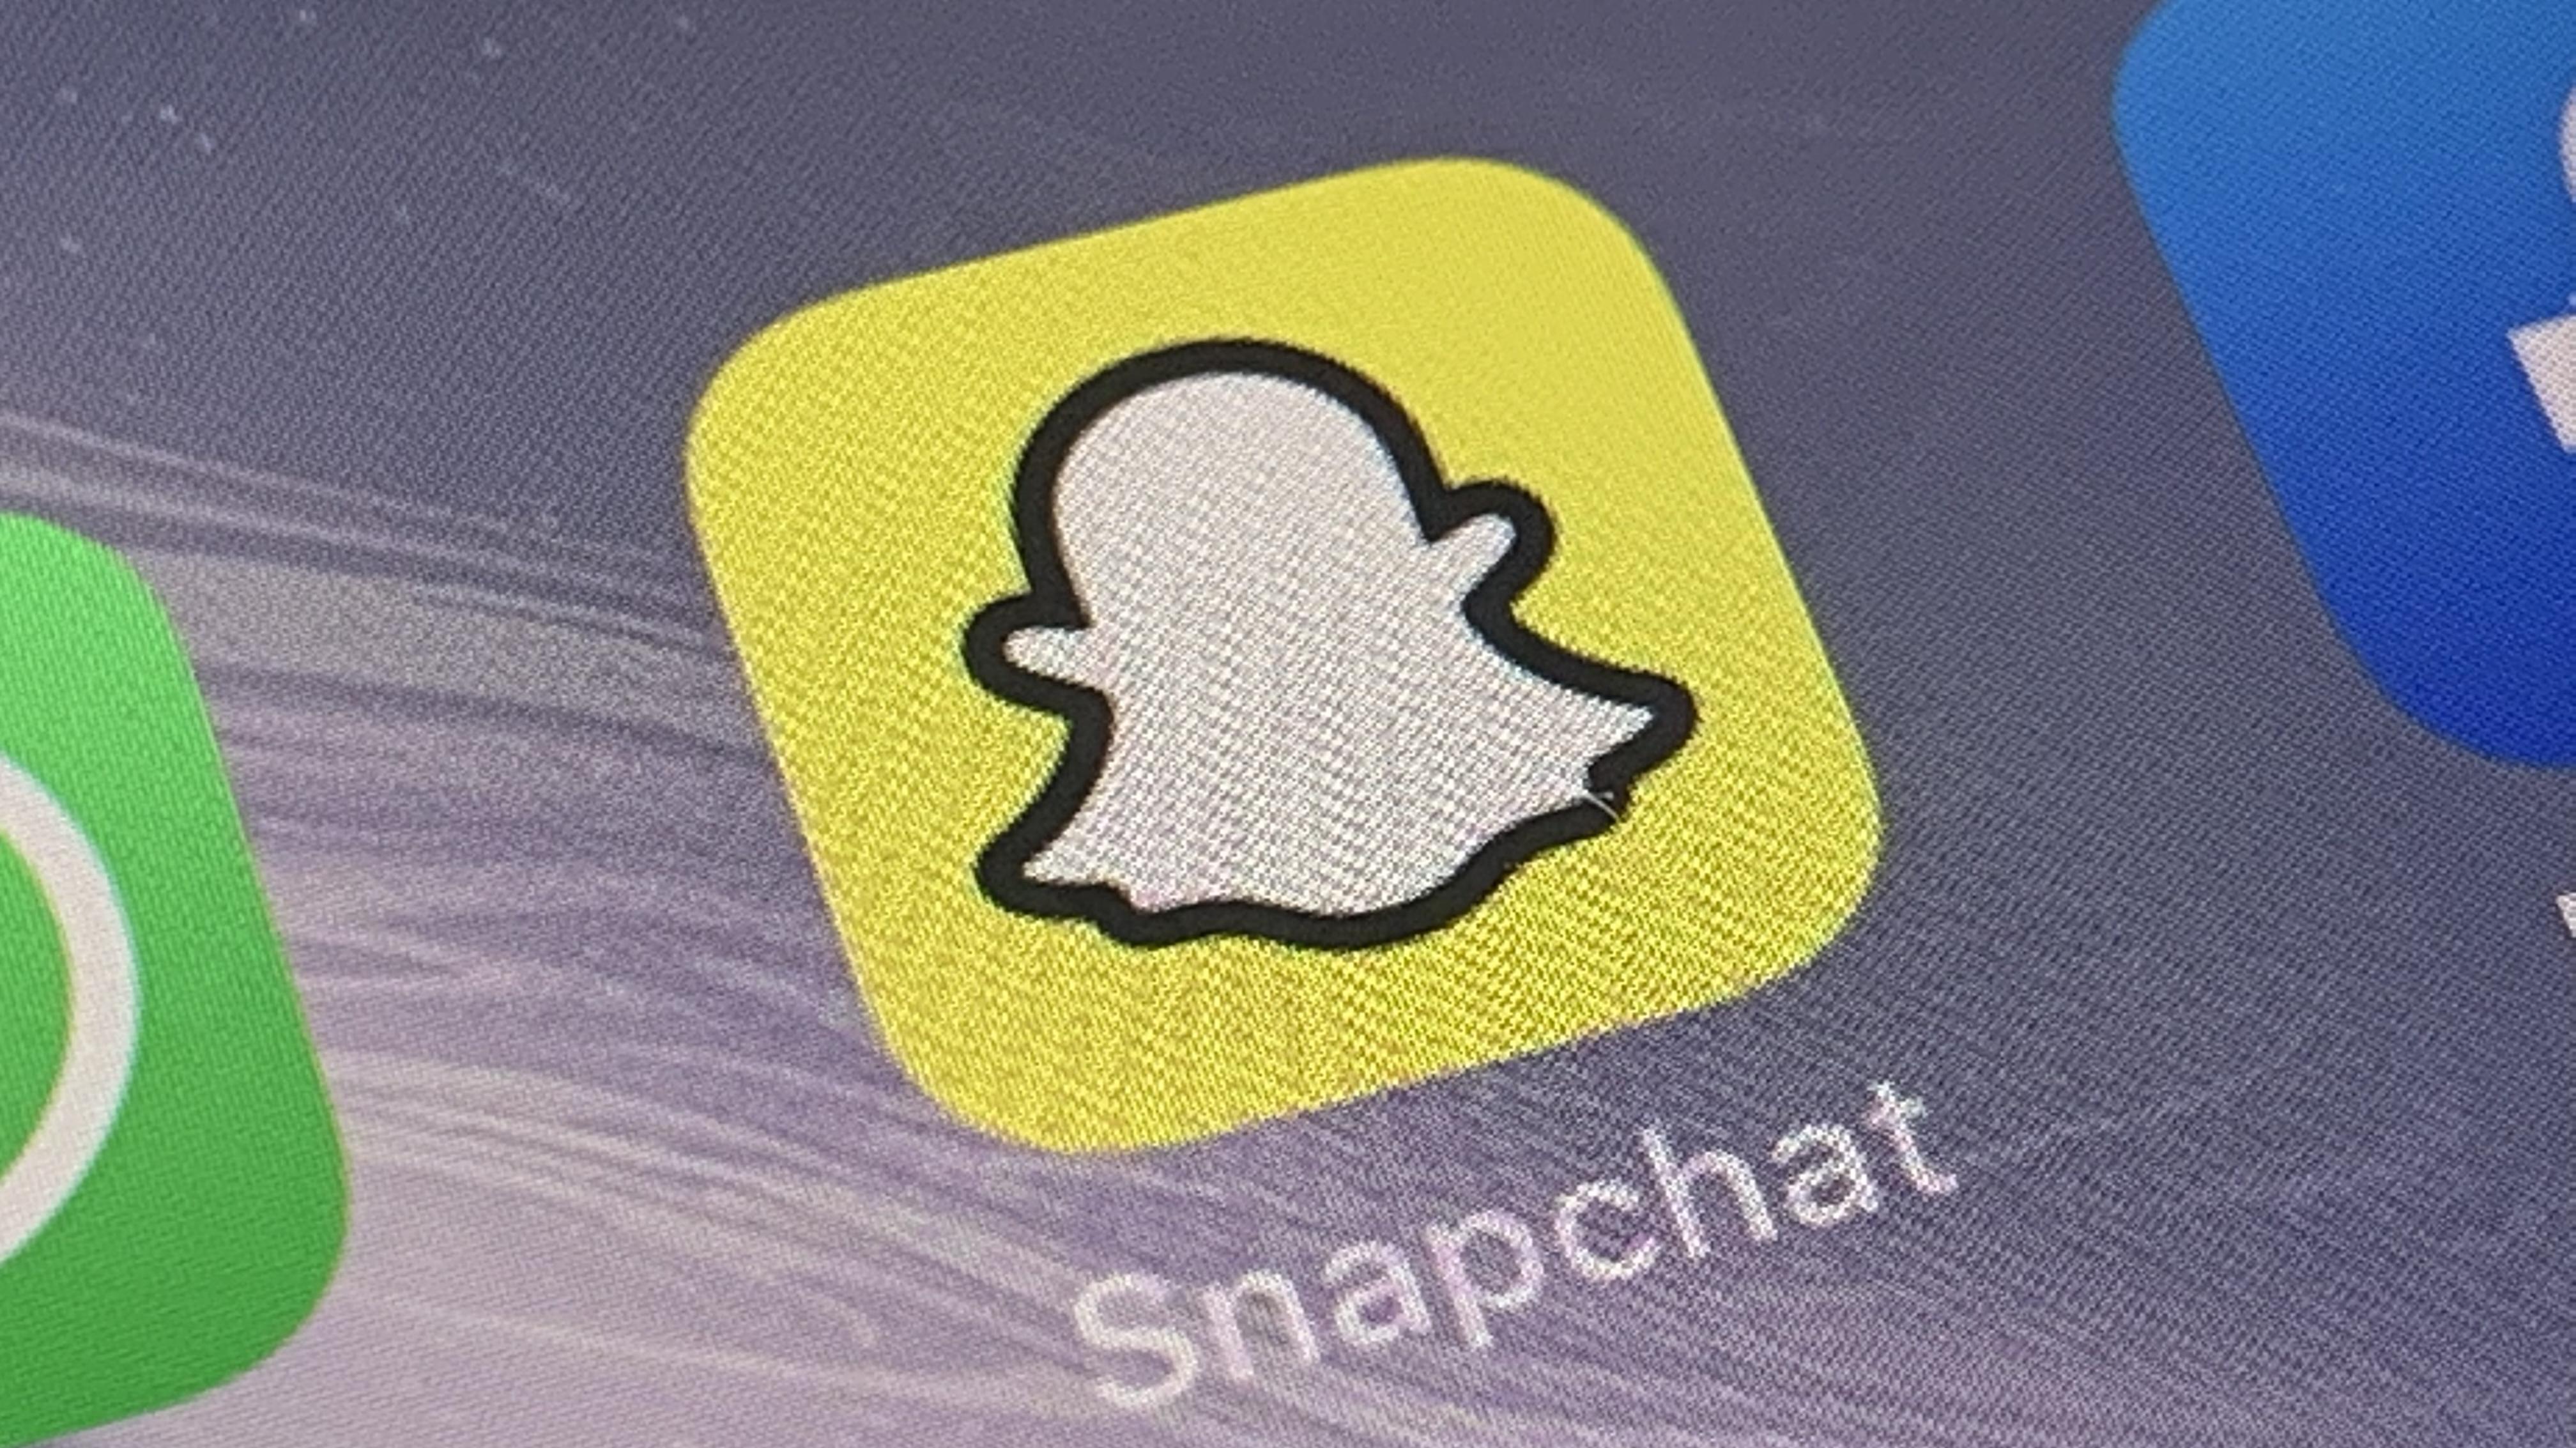 Snapchat: Was bedeuten die ganzen Zahlen?